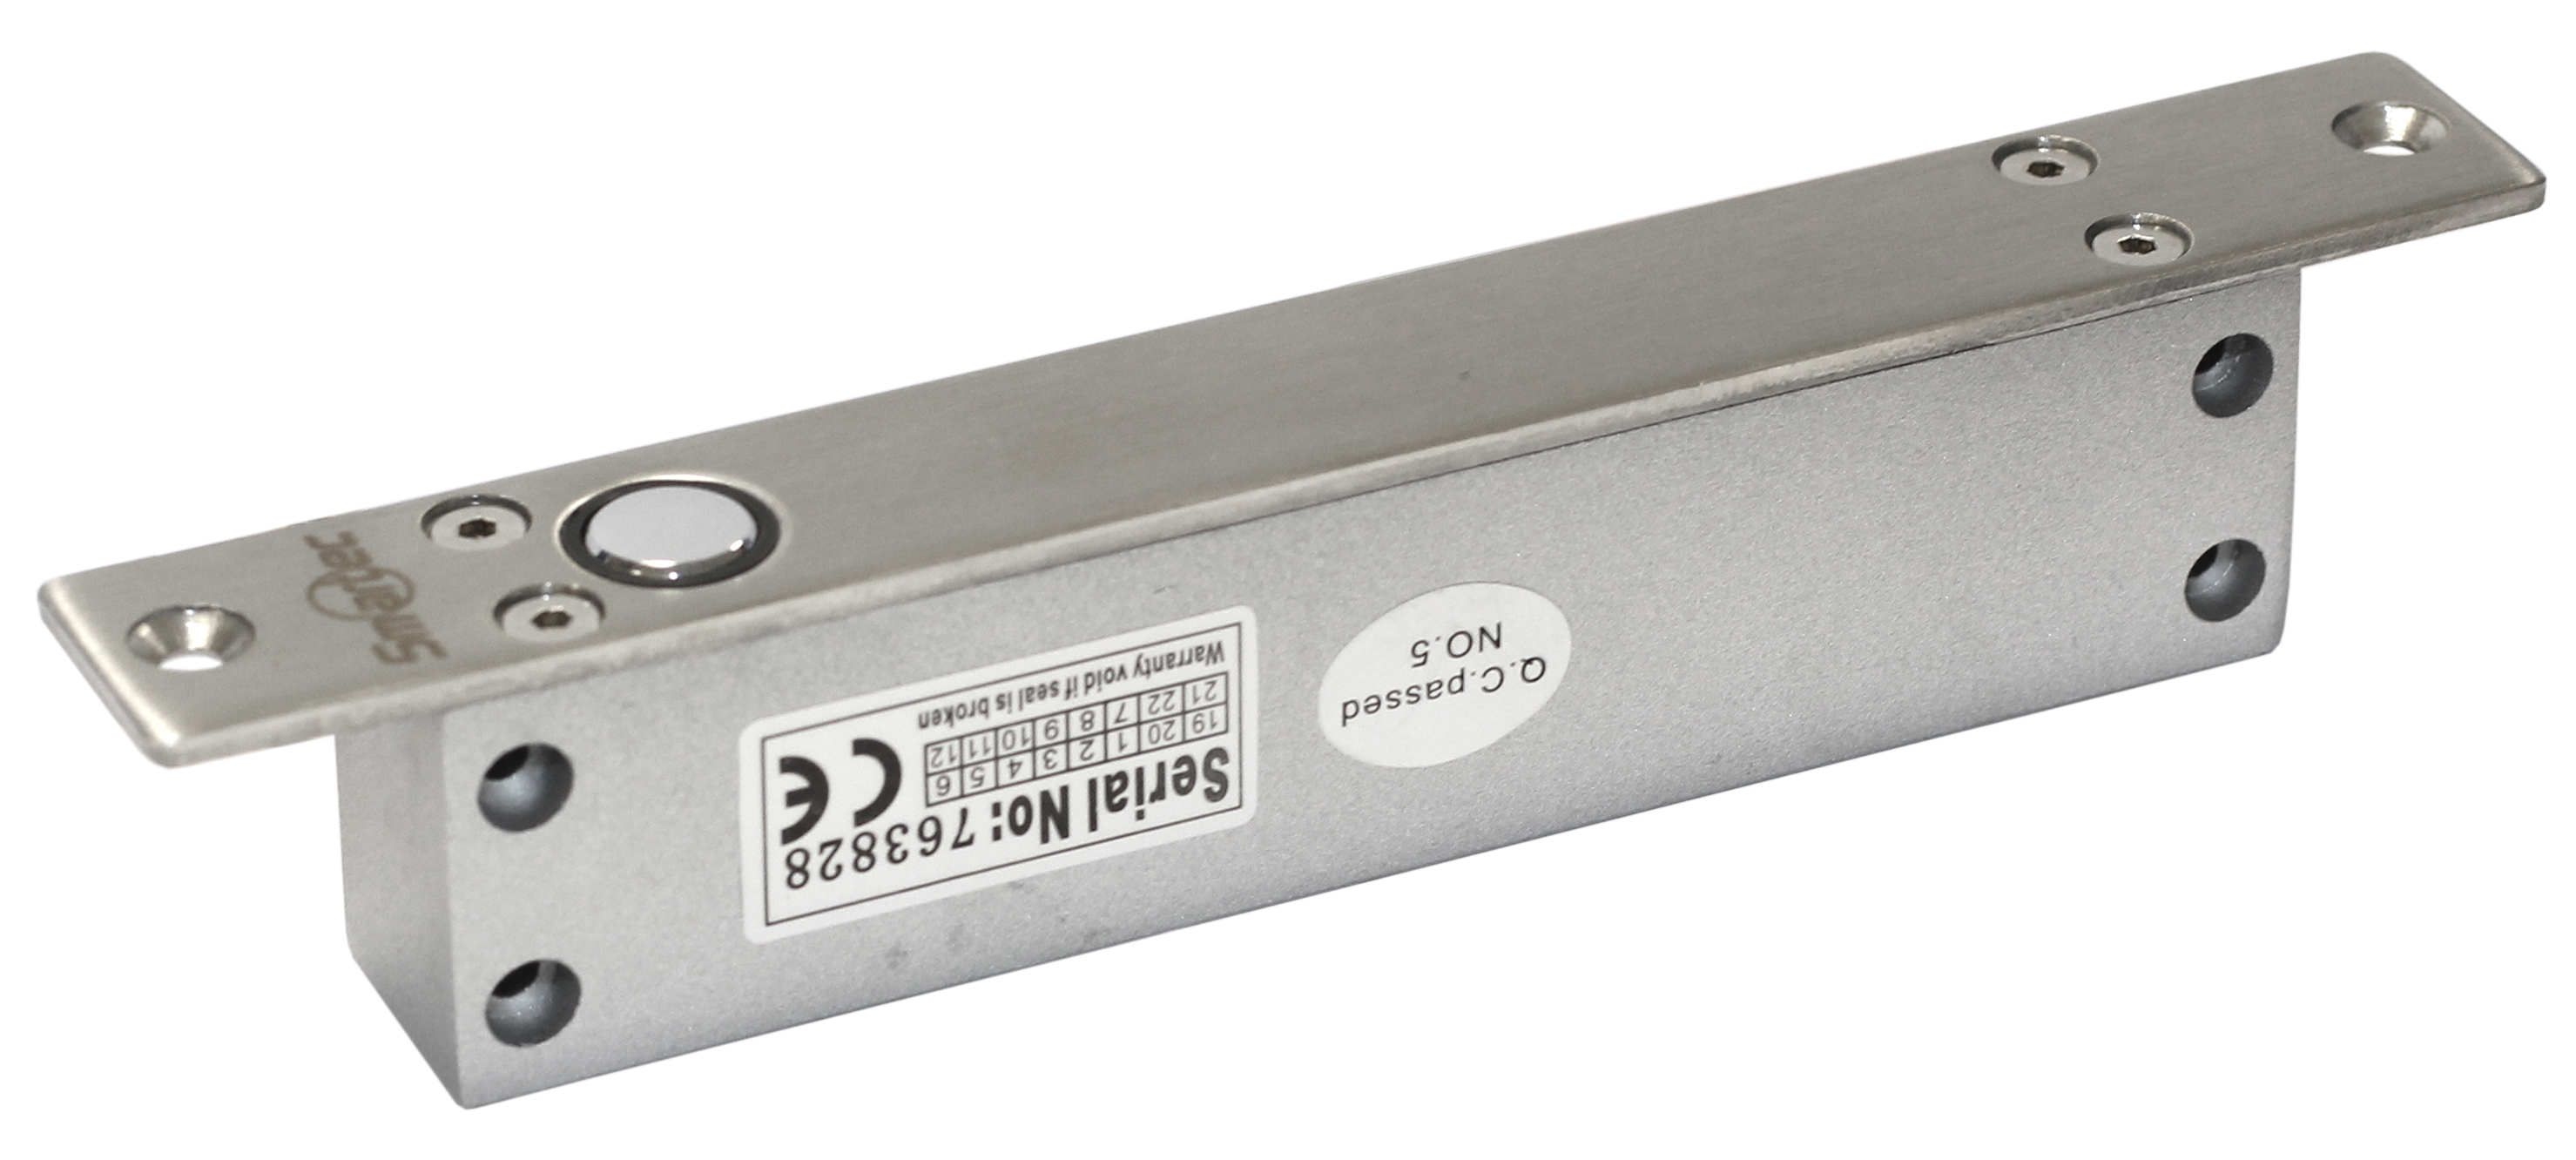 Новый врезной электромеханический замок Smartec с таймером задержки на 0/3/6/9 с